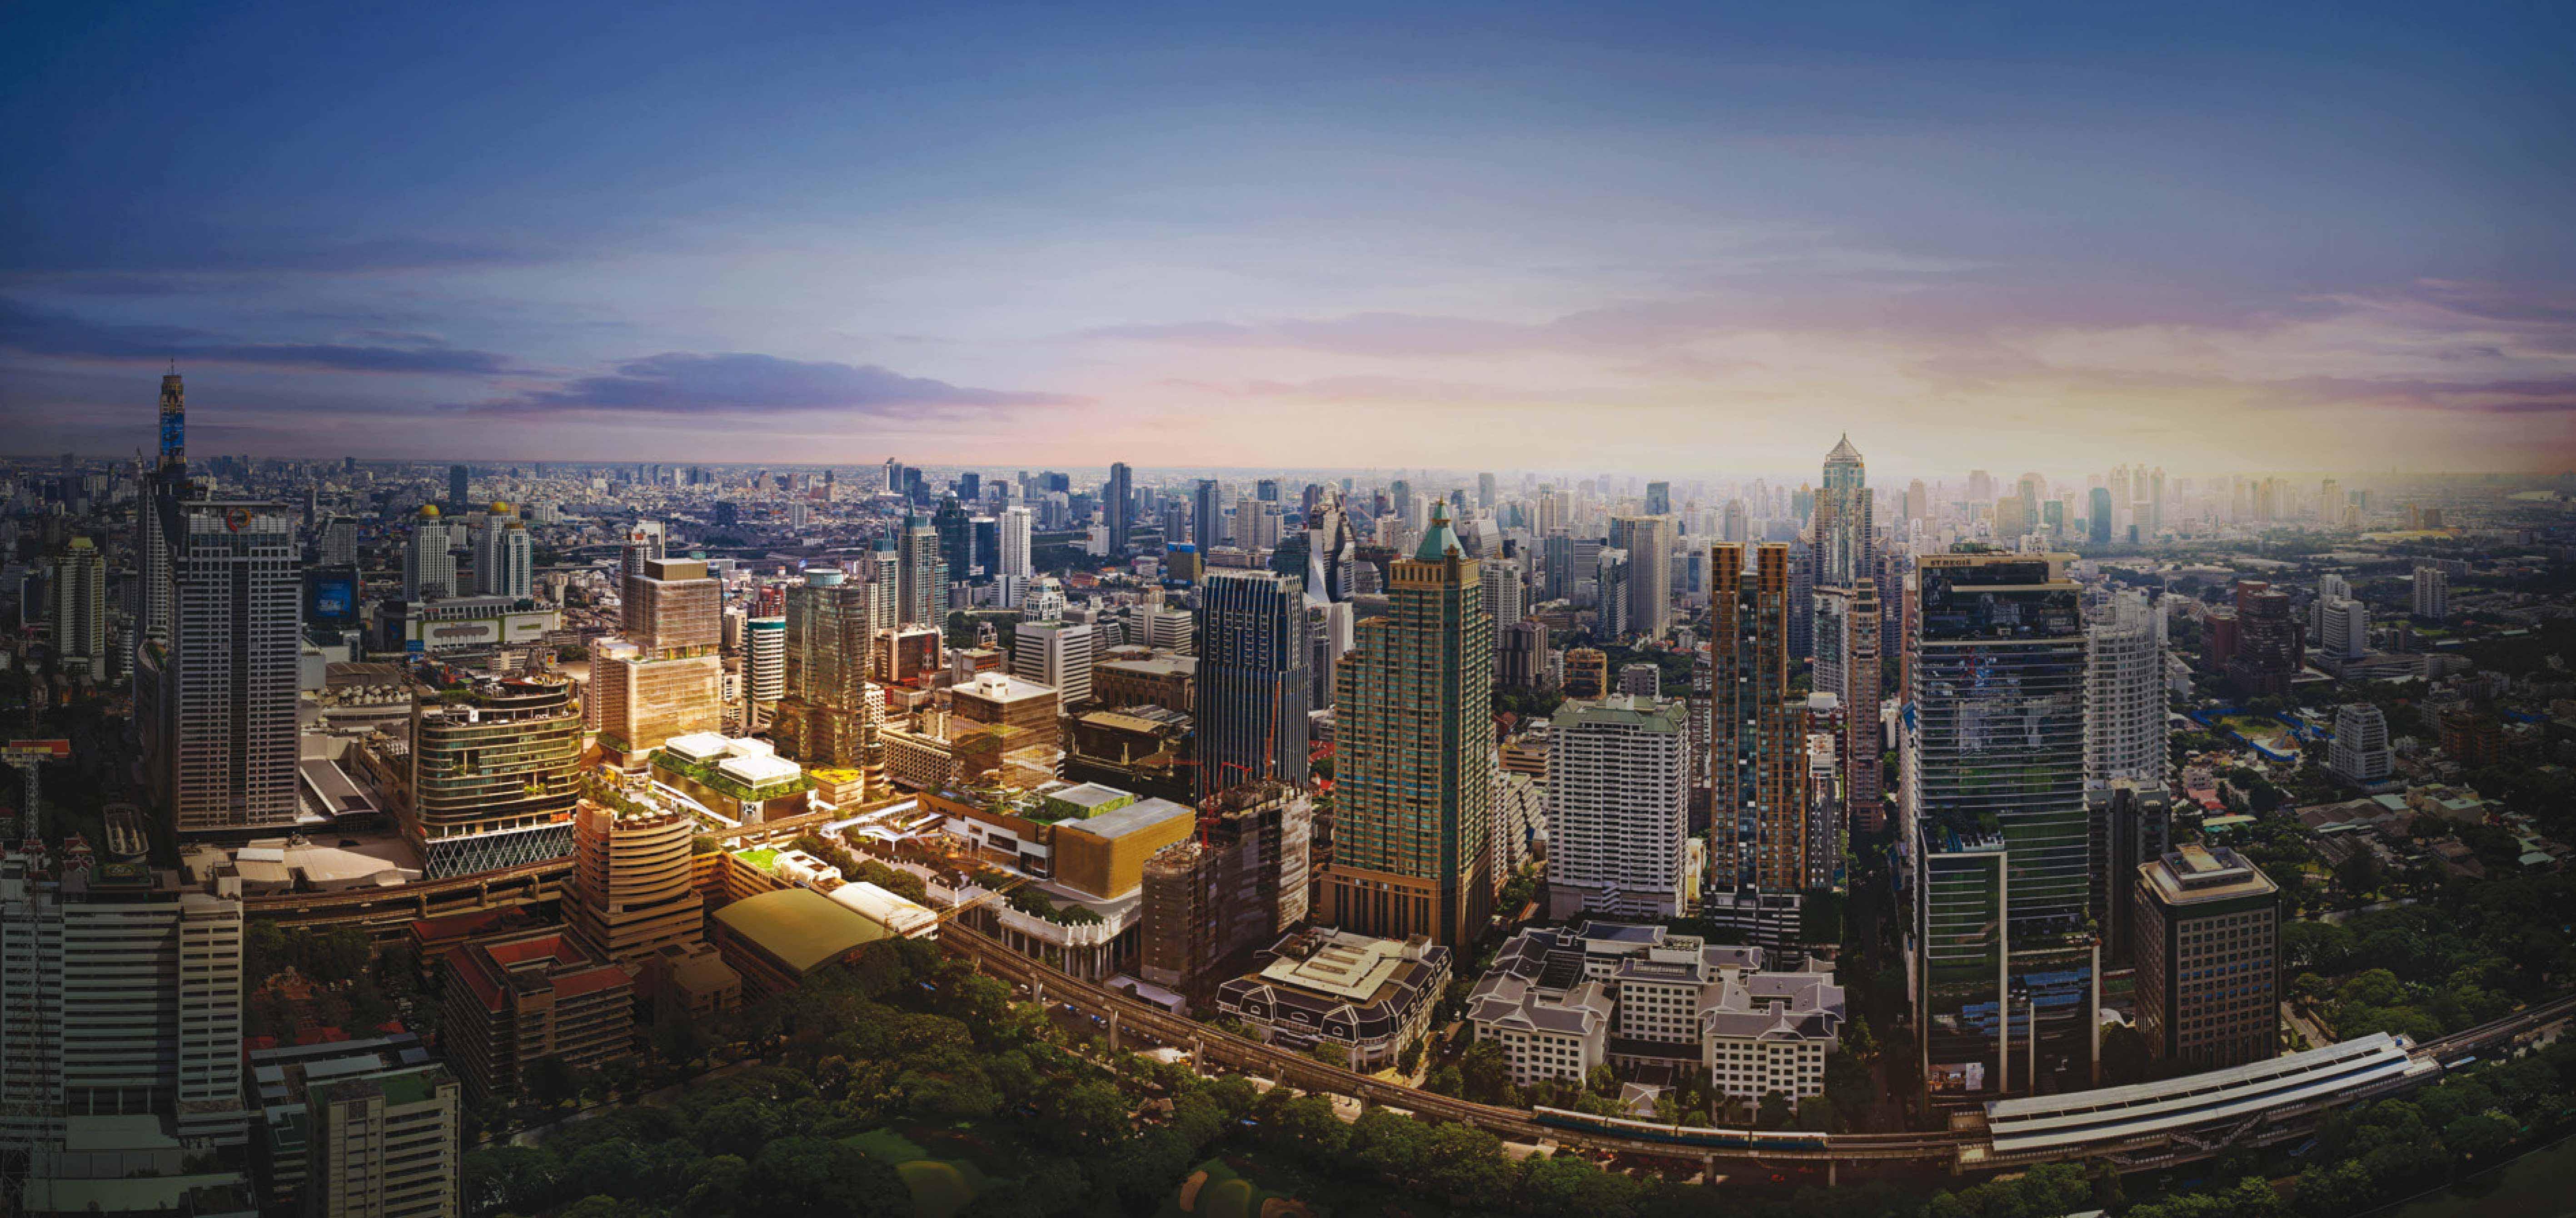 """เกษร พร็อพเพอร์ตี้ เปิดตัว """"GAYSORN VILLAGE – เกษรวิลเลจ"""" ครั้งแรกในเมืองไทยกับอาณาจักรธุรกิจ และไลฟ์สไตล์ในรูปแบบวิลเลจใจกลางกรุง"""